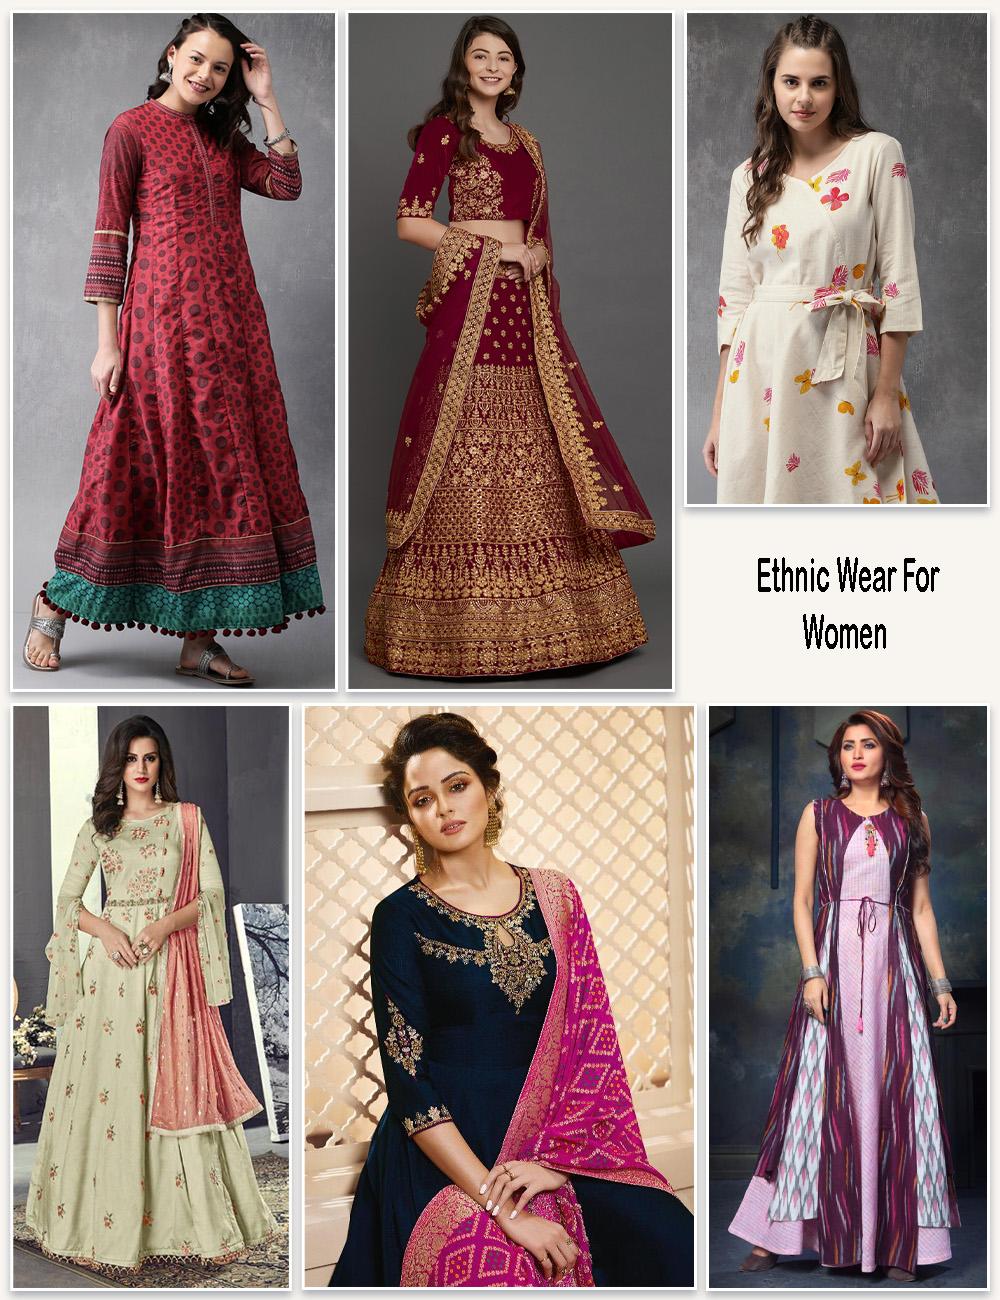 Ethnic Wear for Women